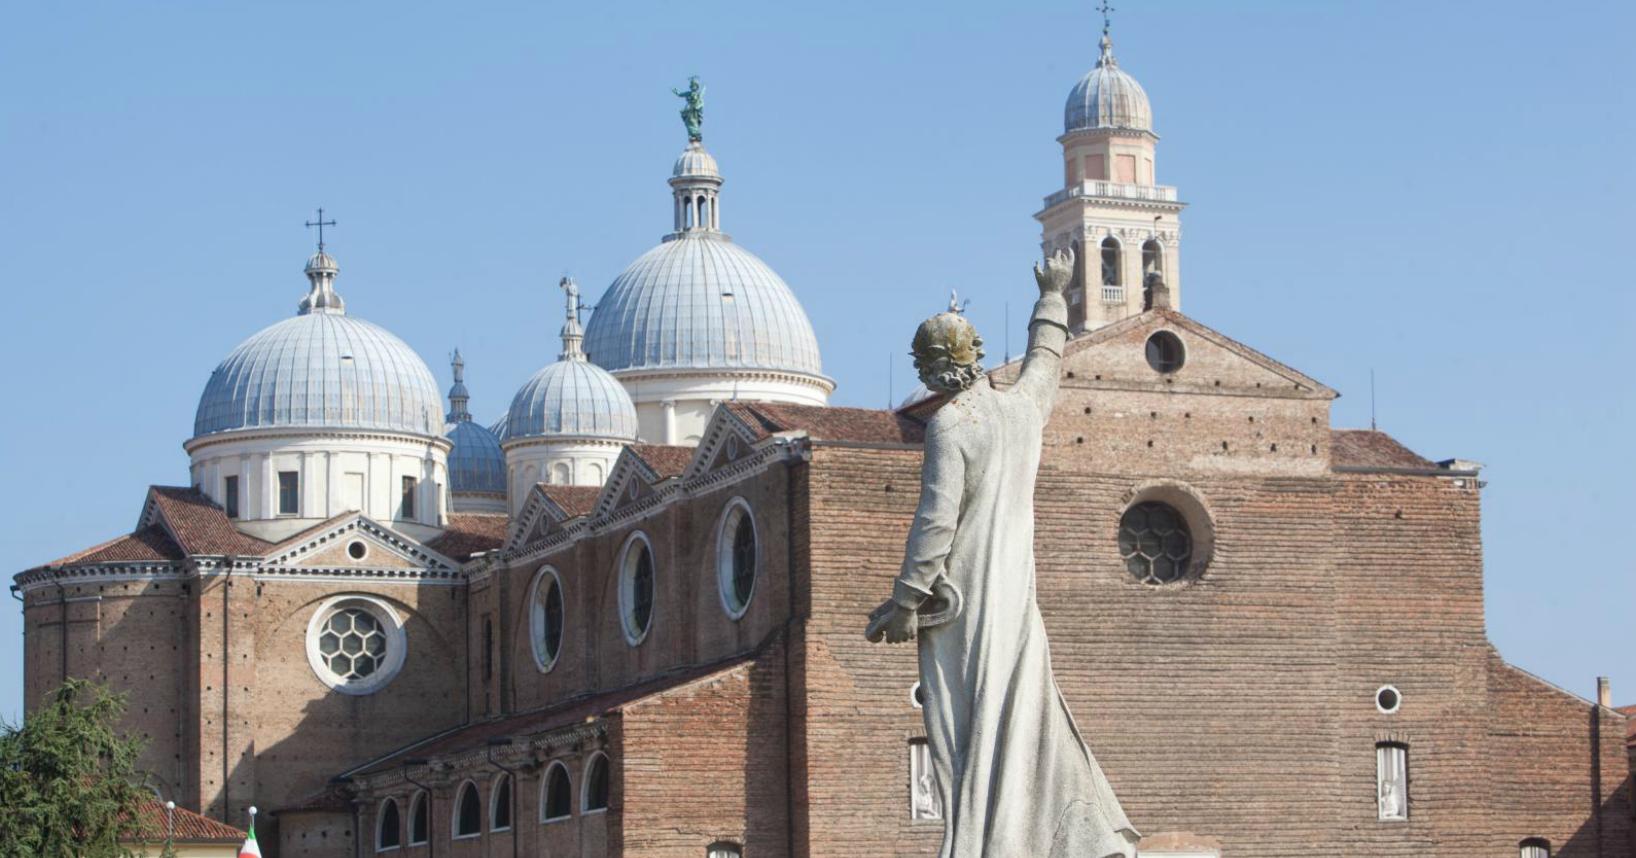 Casa Della Carta Padova la scienza nascosta nei luoghi di padova: la spezieria dell